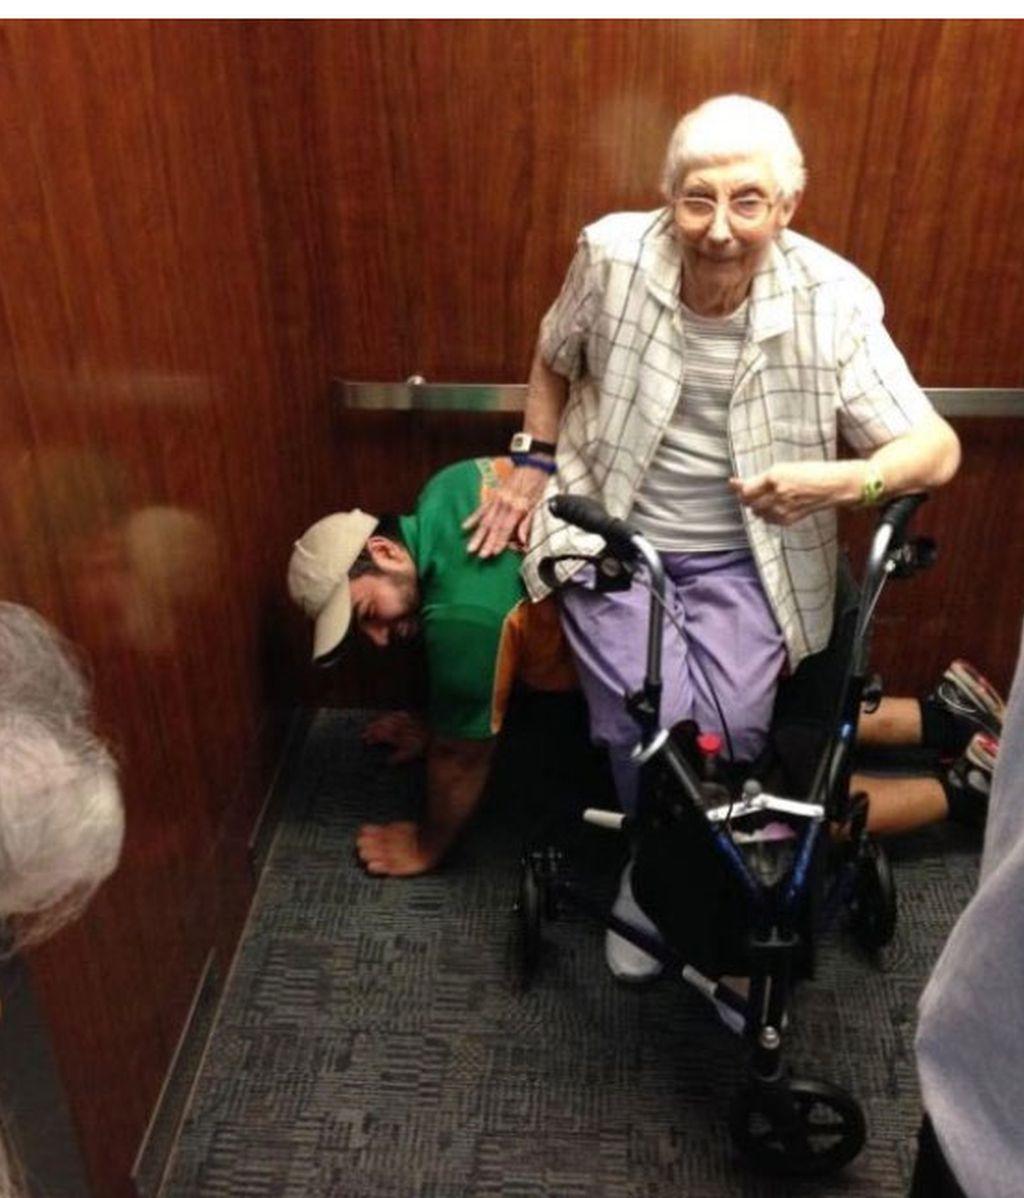 La foto del joven que cedió su espalda para que una anciana se sentara